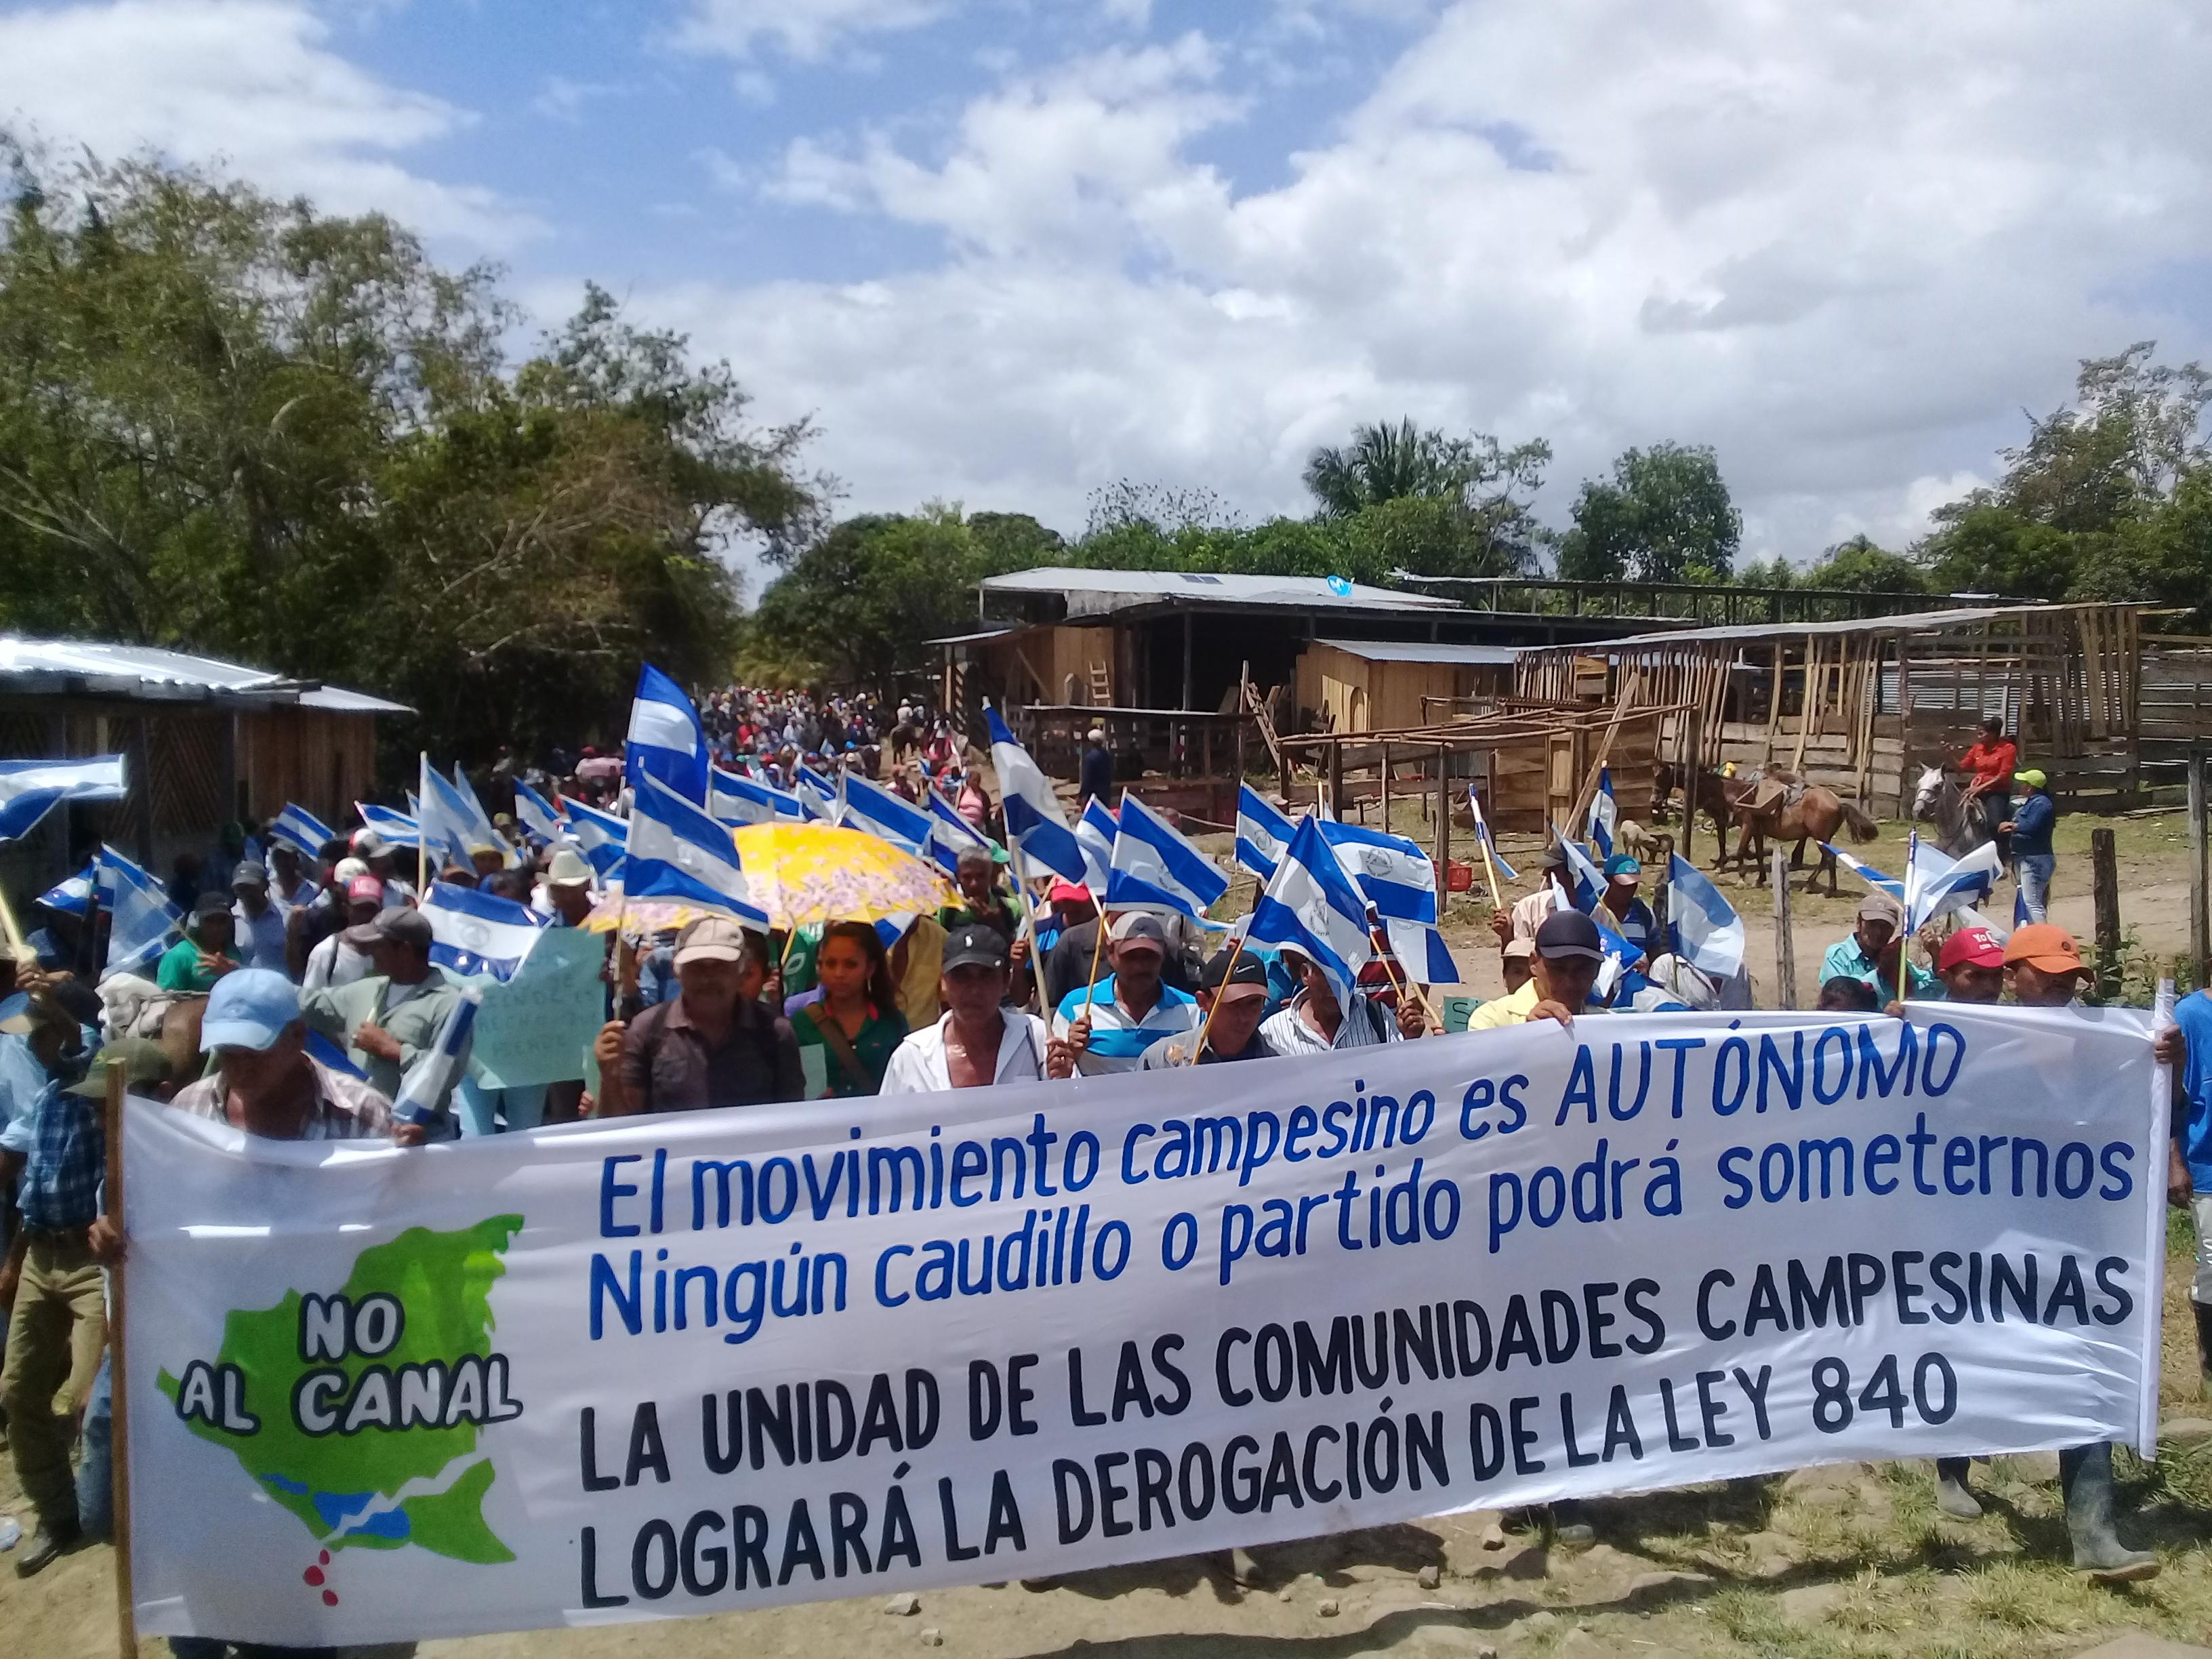 Según los campesinos Seguirán marchando. Fotografía: Abixael MG/Artículo66